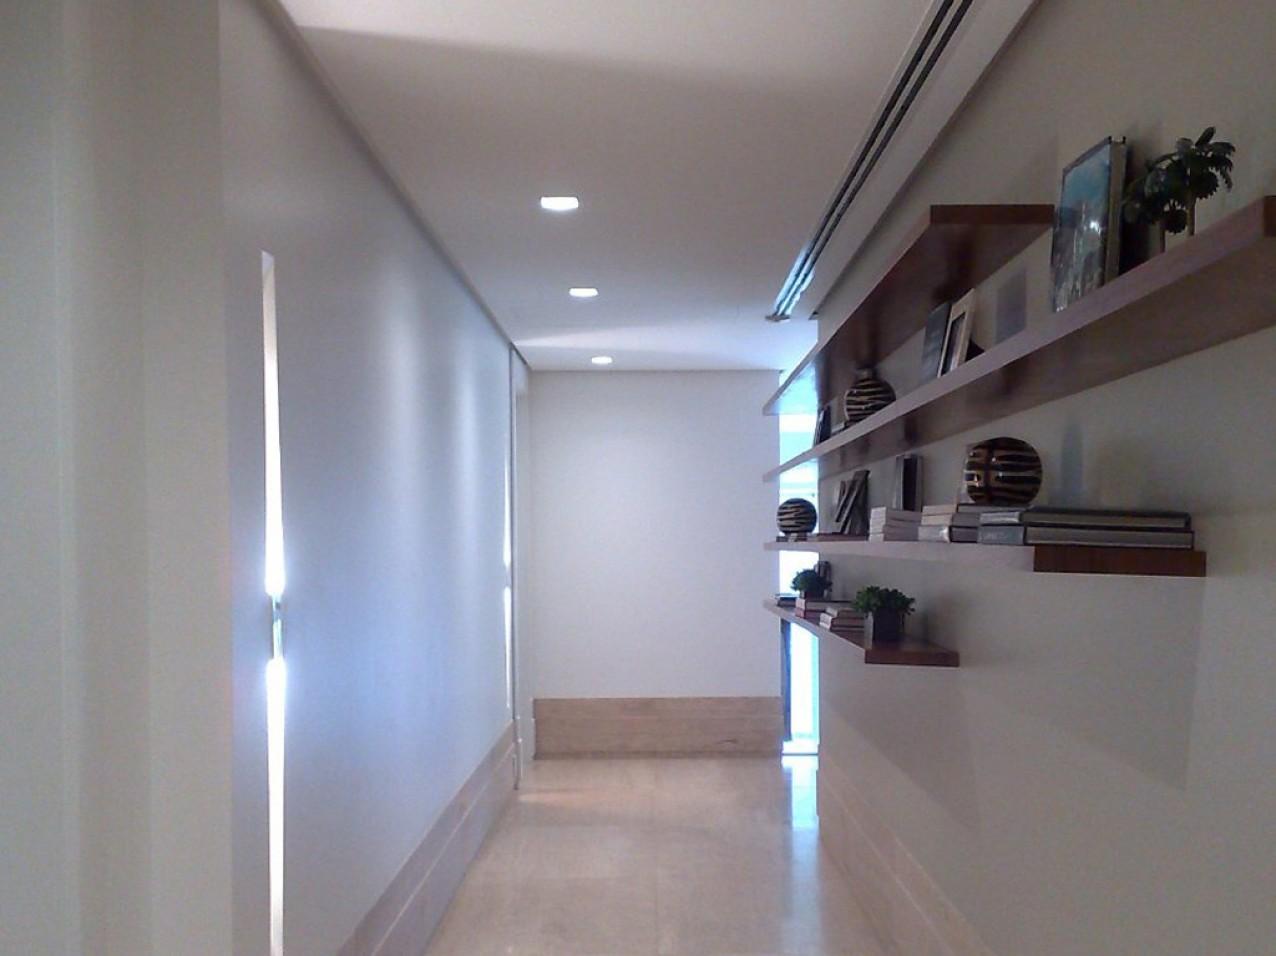 Obra residencial Cidade Jardim I - Corredor